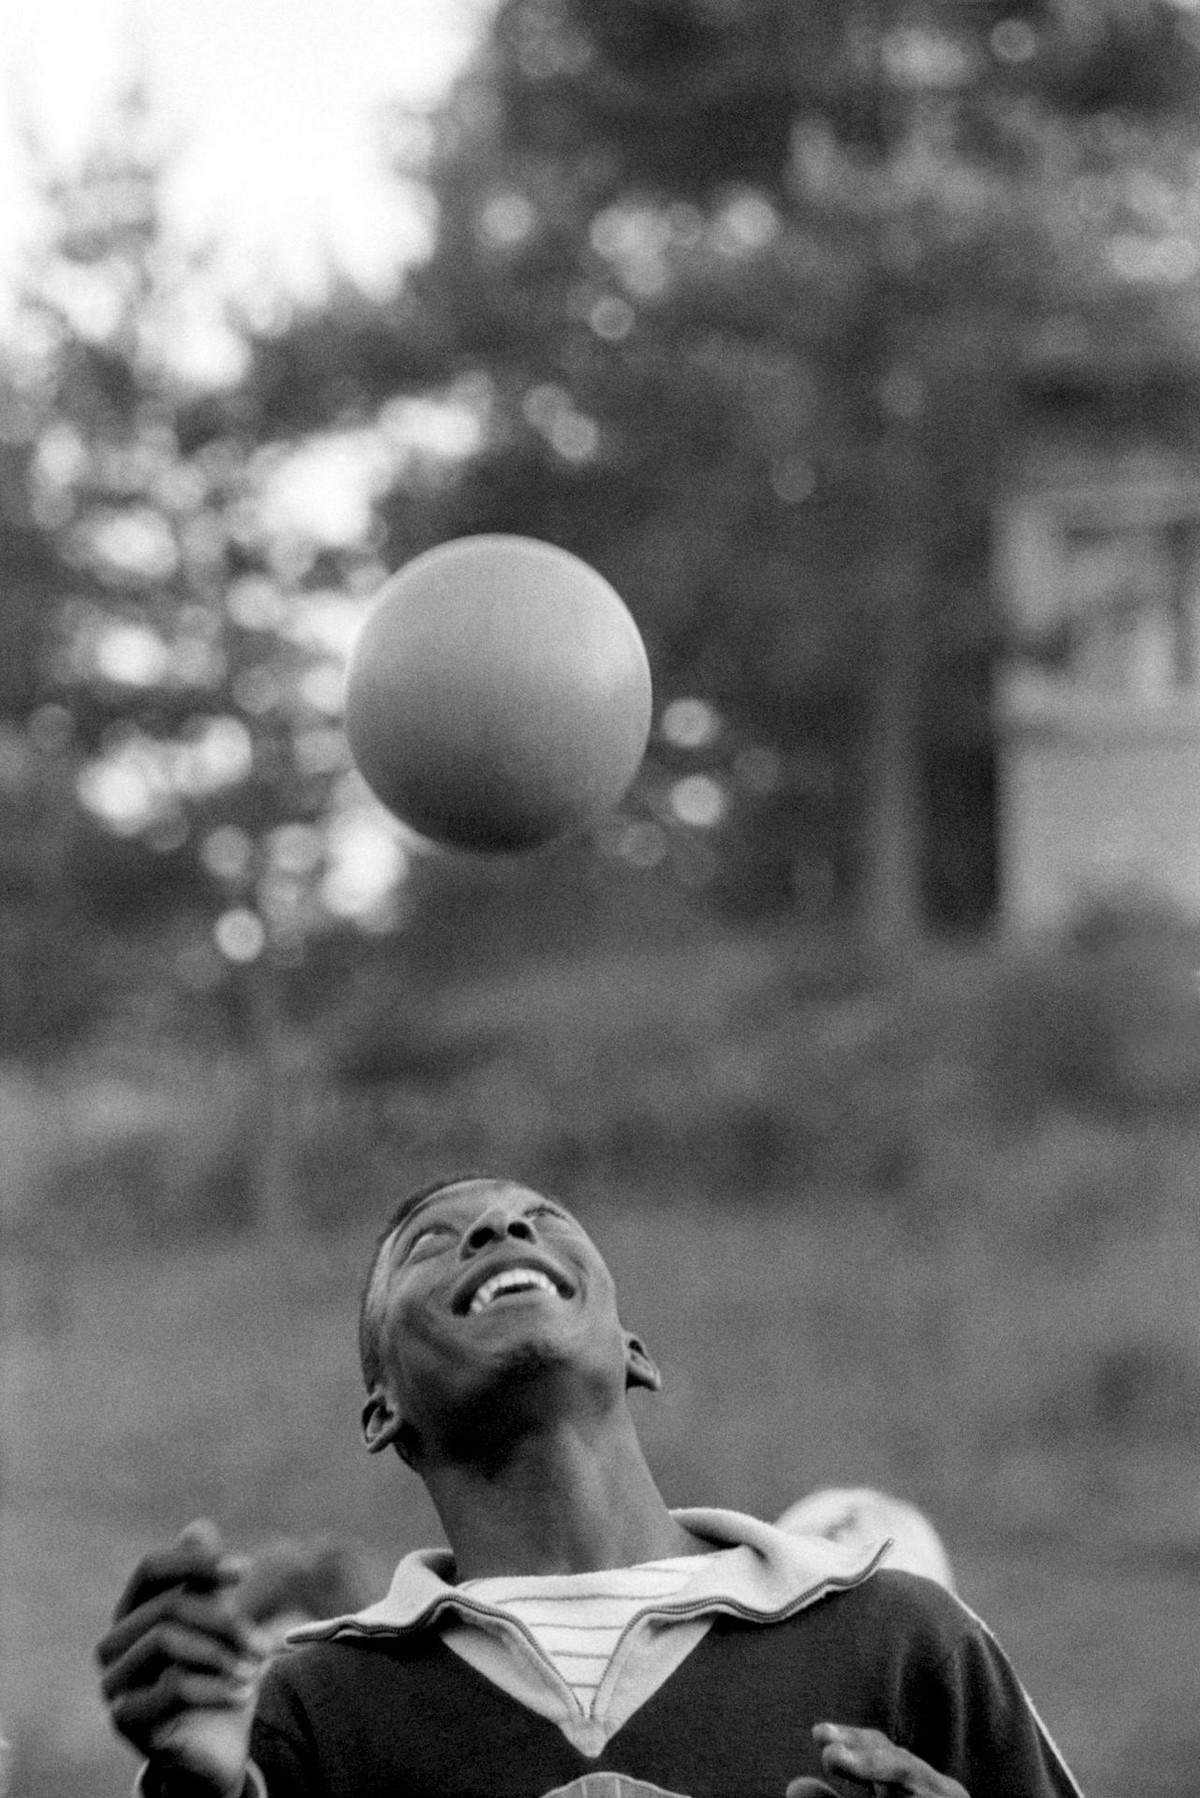 История Короля футбола: как Пеле стал звездой чемпионата мира 7